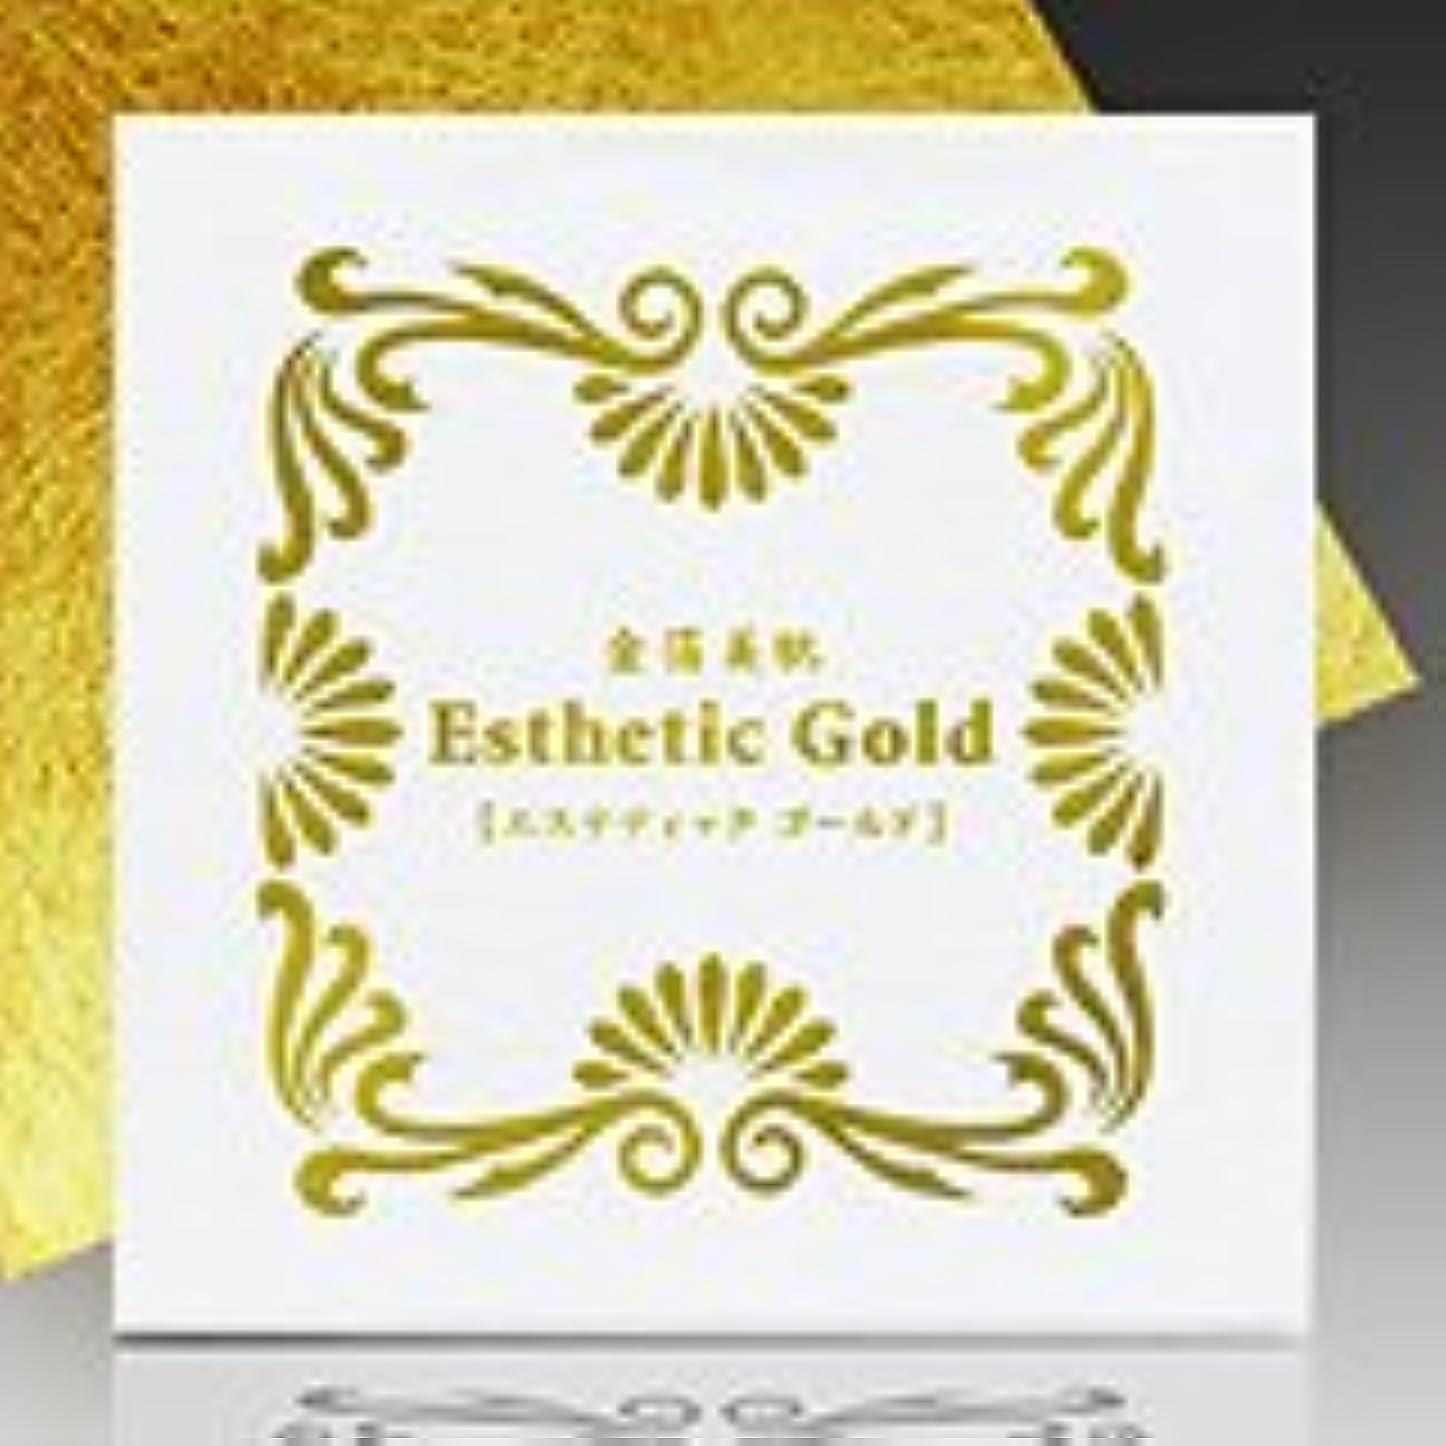 行動乳剤高潔な【金箔 美肌】エステティック ゴールド 24K-10枚入【日本製】